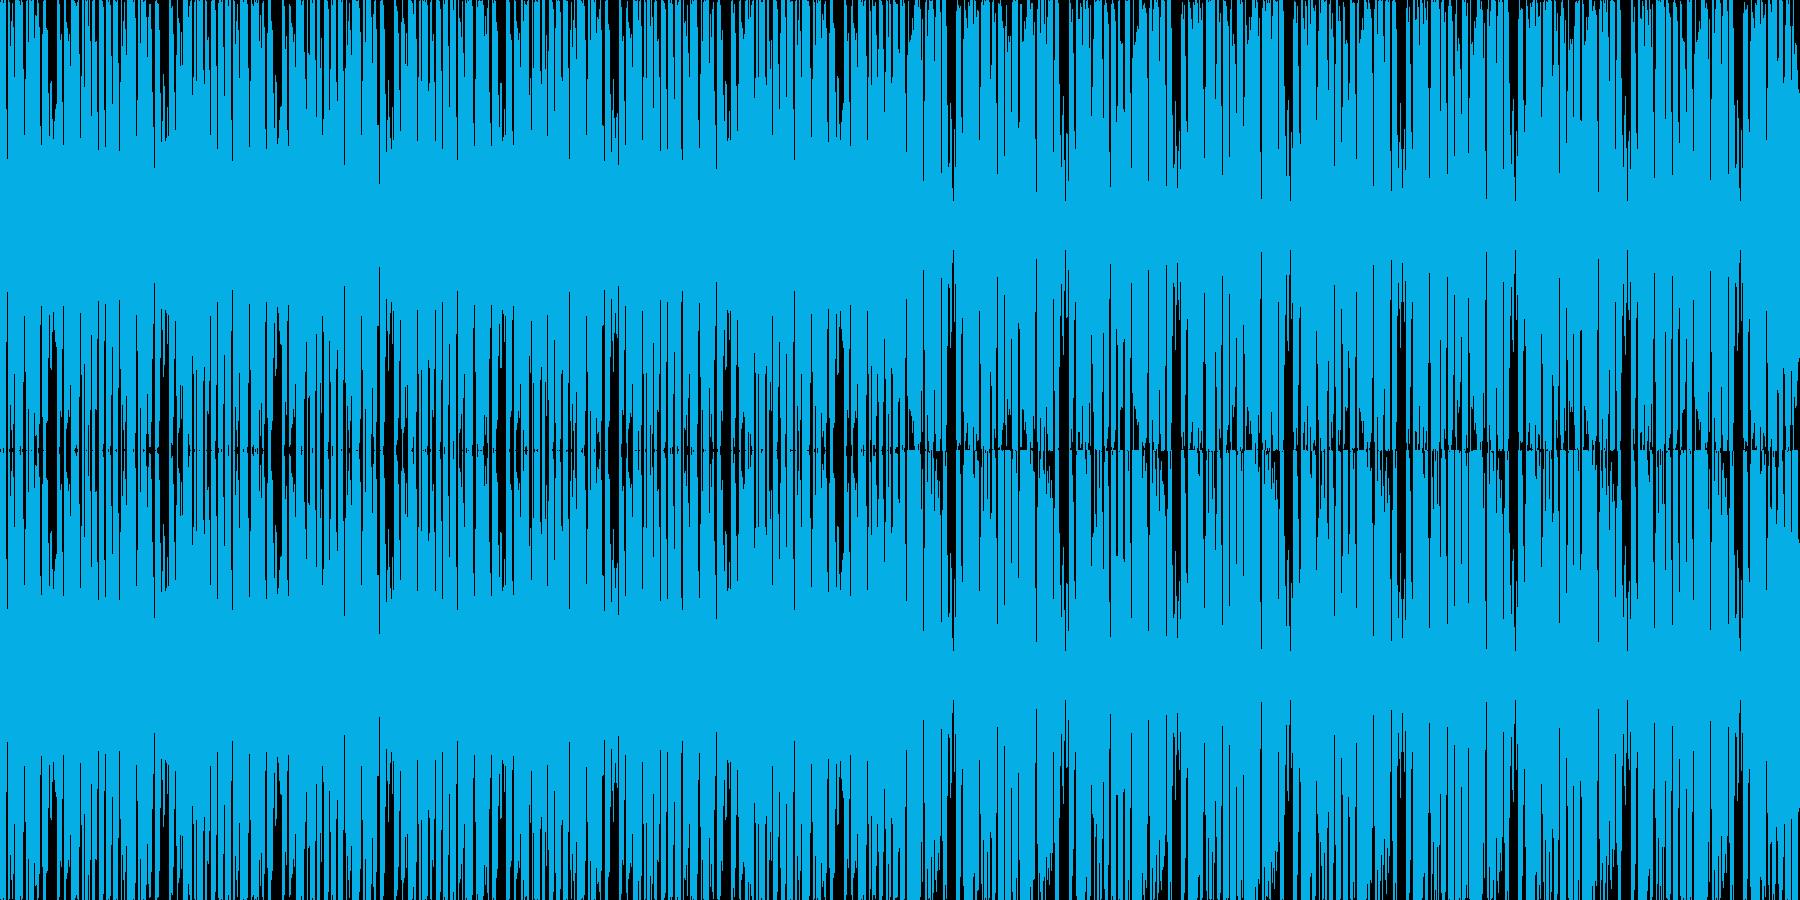 【アップテンポなノリノリファンク】の再生済みの波形